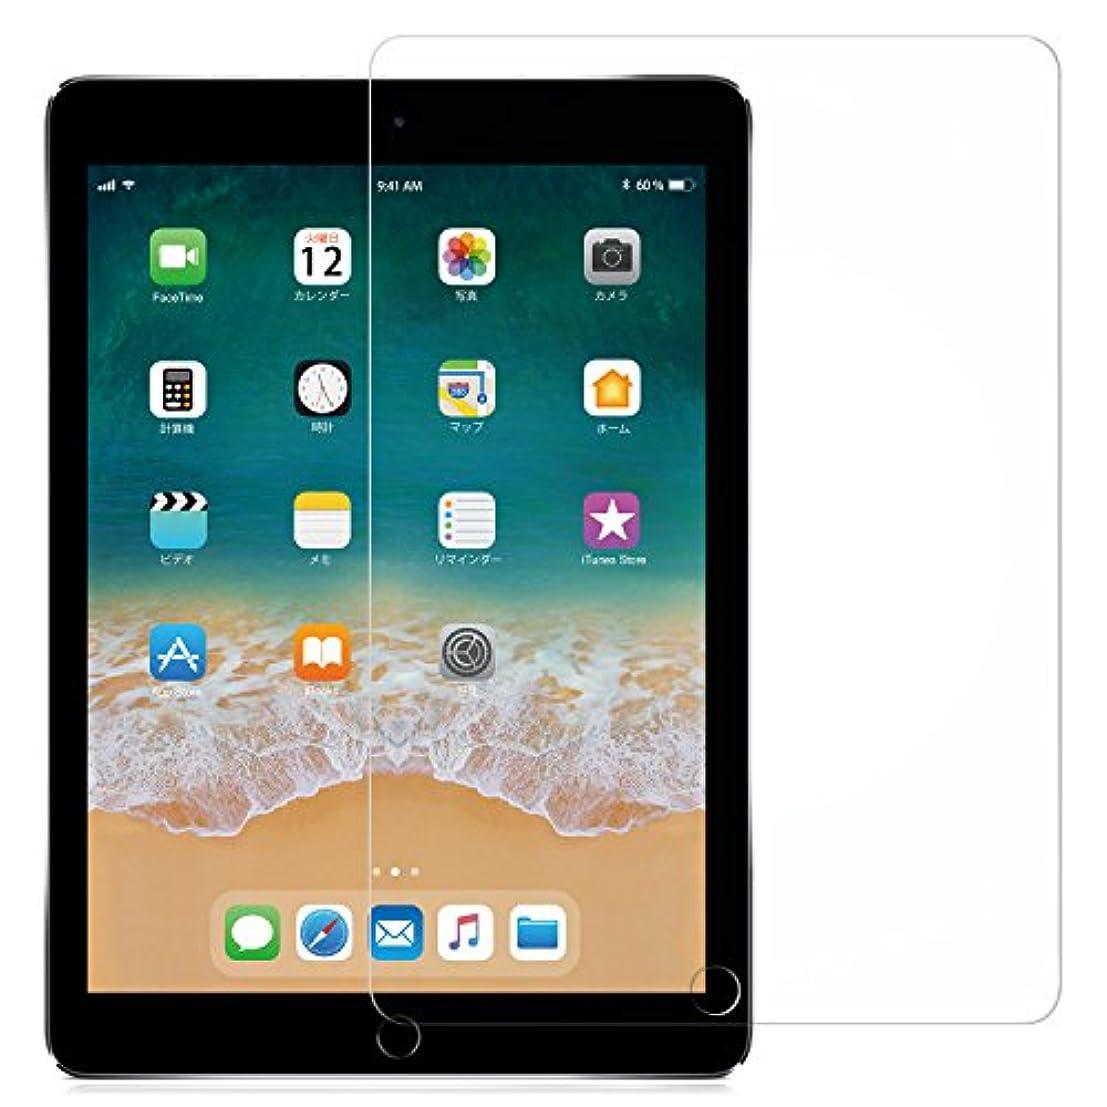 セラー重力スケッチNimaso (2018 / 2017 新型)iPad Pro 9.7 / Air2(2014) / Air (2013)/ New iPad 9.7インチ 用 フィルム 旭硝子製 強化ガラス 液晶保護フィルム 高透過率 気泡ゼロ 硬度9H